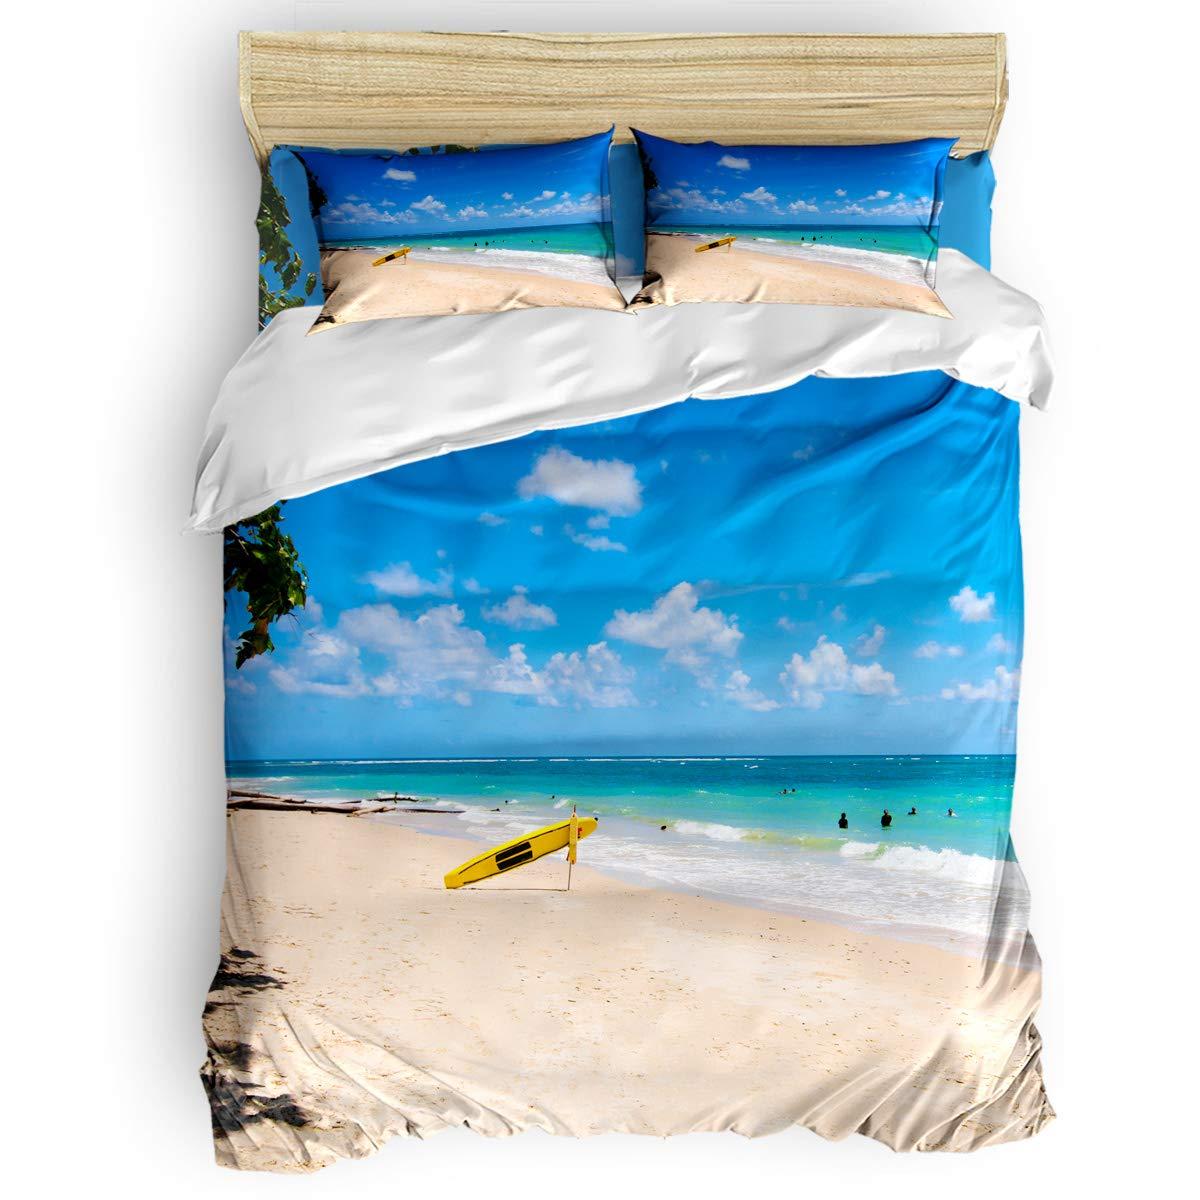 掛け布団カバー 4点セット 大小 波点 丸 背景光 寝具カバーセット ベッド用 べッドシーツ 枕カバー 洋式 和式兼用 布団カバー 肌に優しい 羽毛布団セット 100%ポリエステル キング B07TGD28T1 Beach47LAS6244 キング